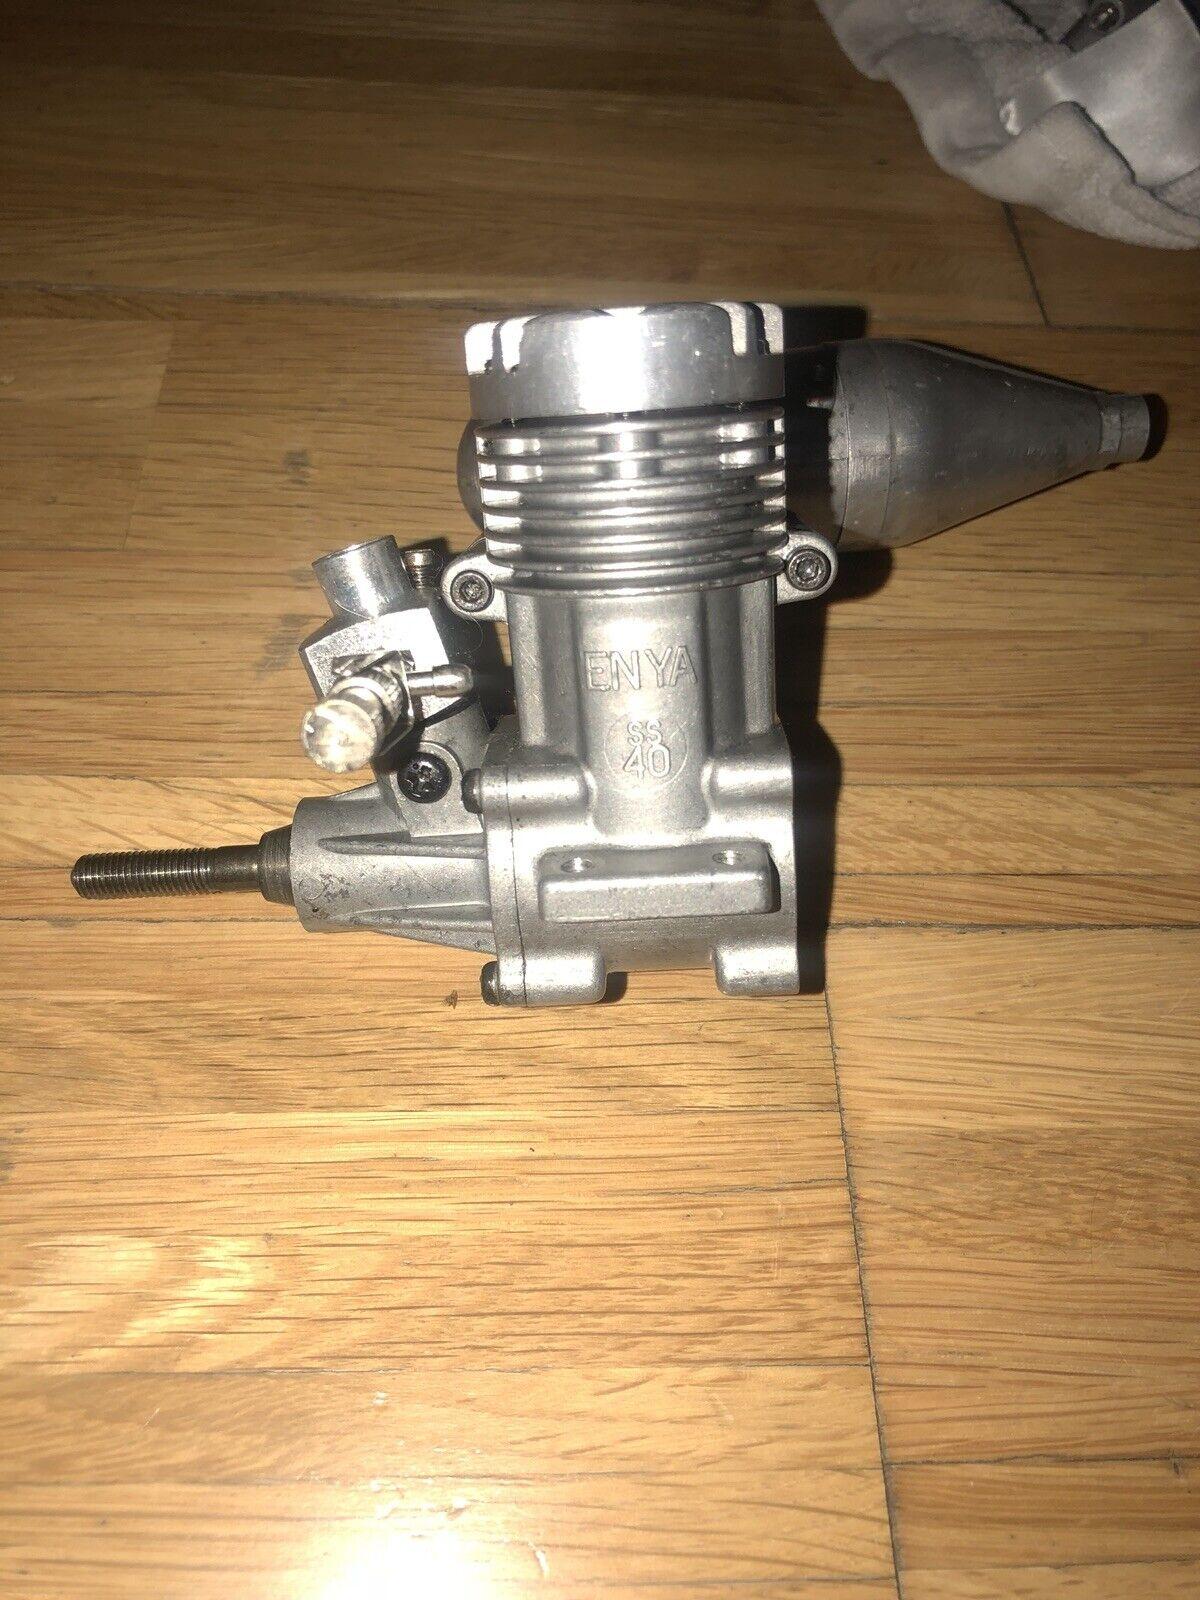 ENYA SS40 Model Nitro Engine